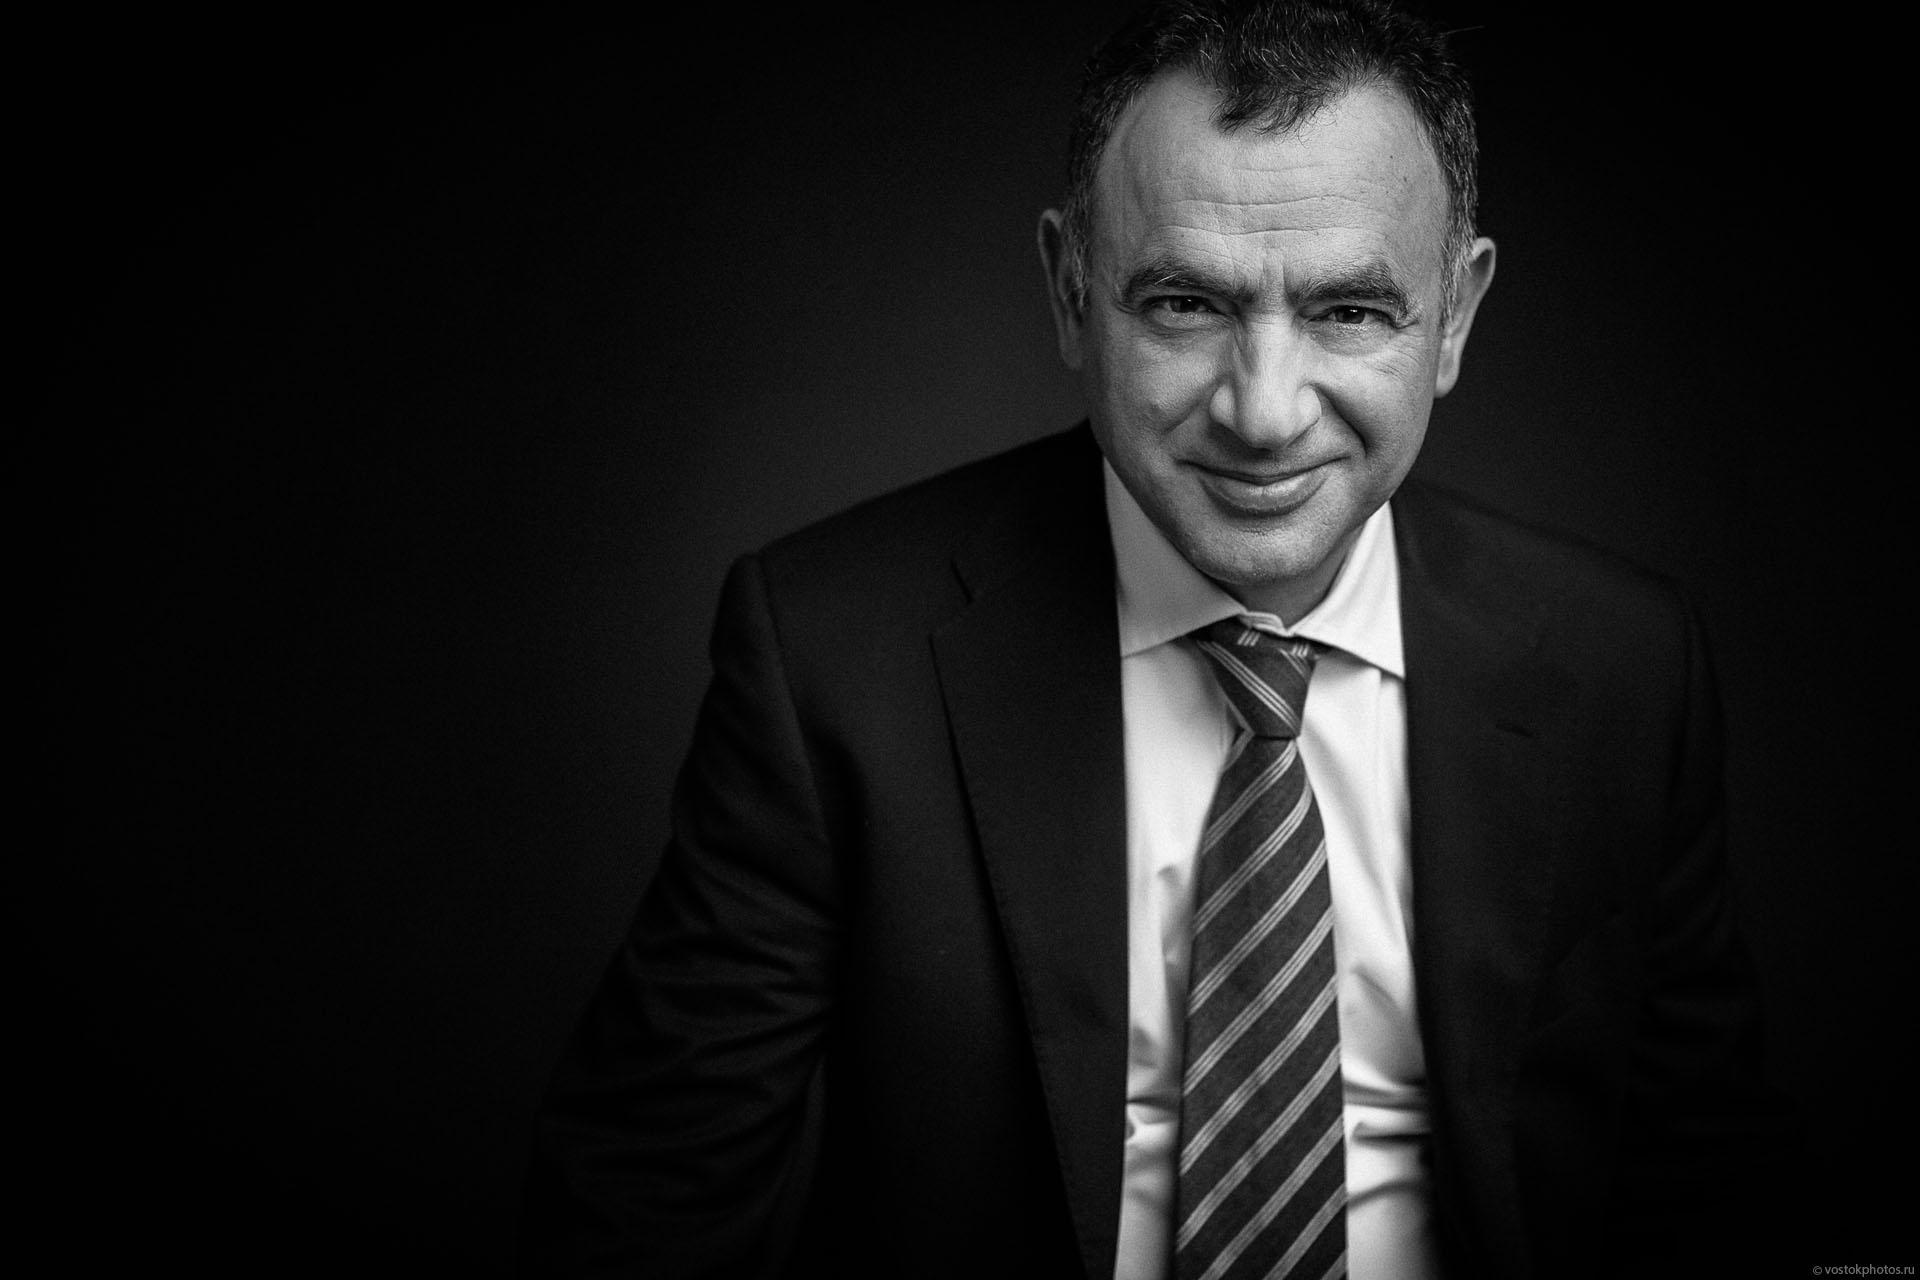 Руководитель крупной компании психологический портрет